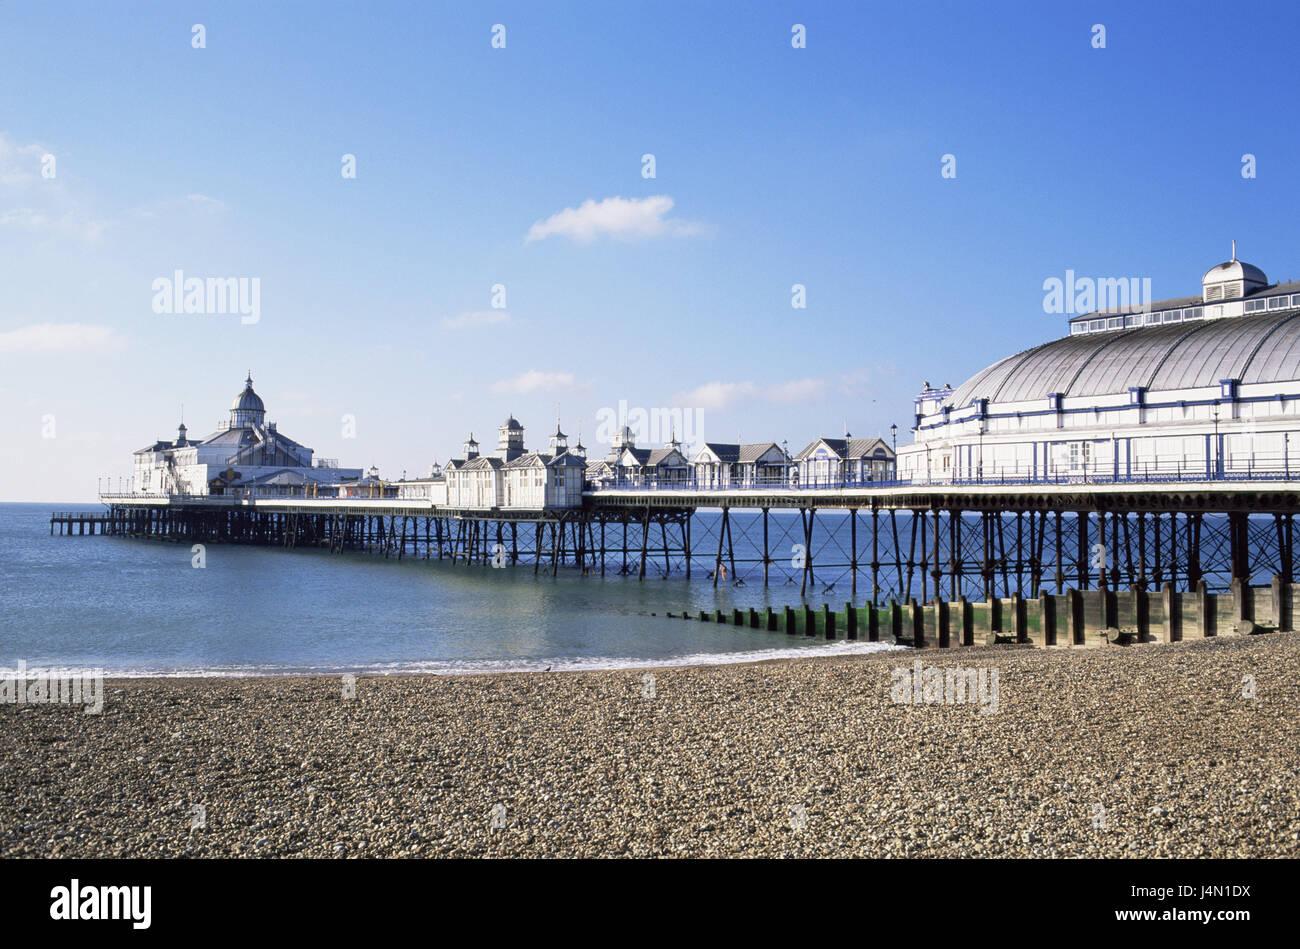 La Grande-Bretagne, l'Angleterre, dans le Sussex, Eastbourne, pont sur la mer, des restaurants, des pays étroit Photo Stock